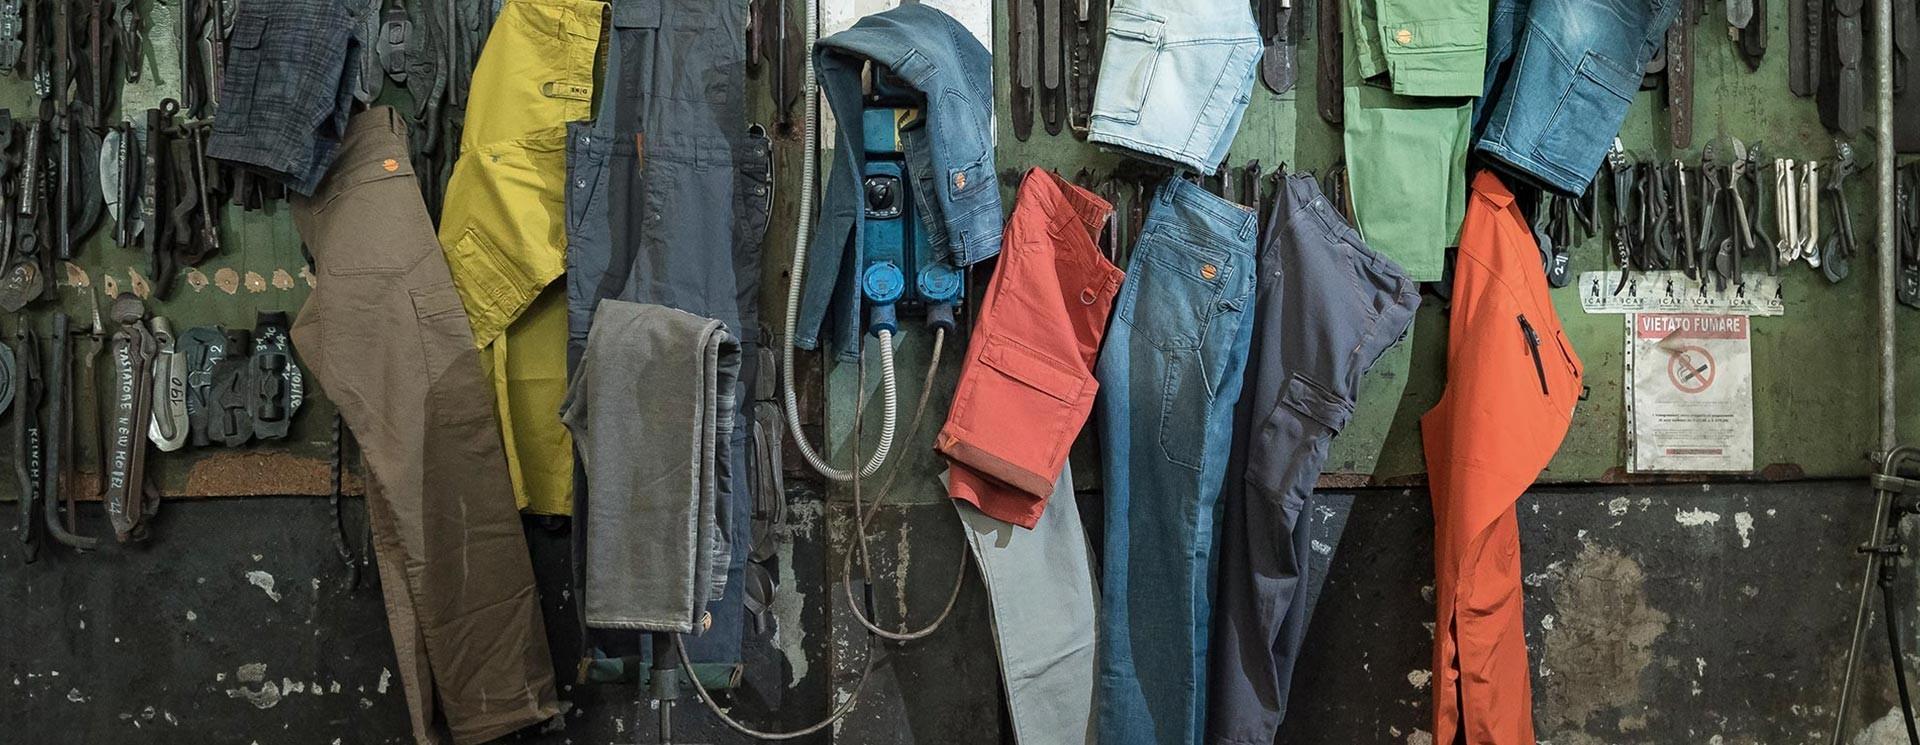 Pantalones de Trabajo - Ropa de trabajo | Dike